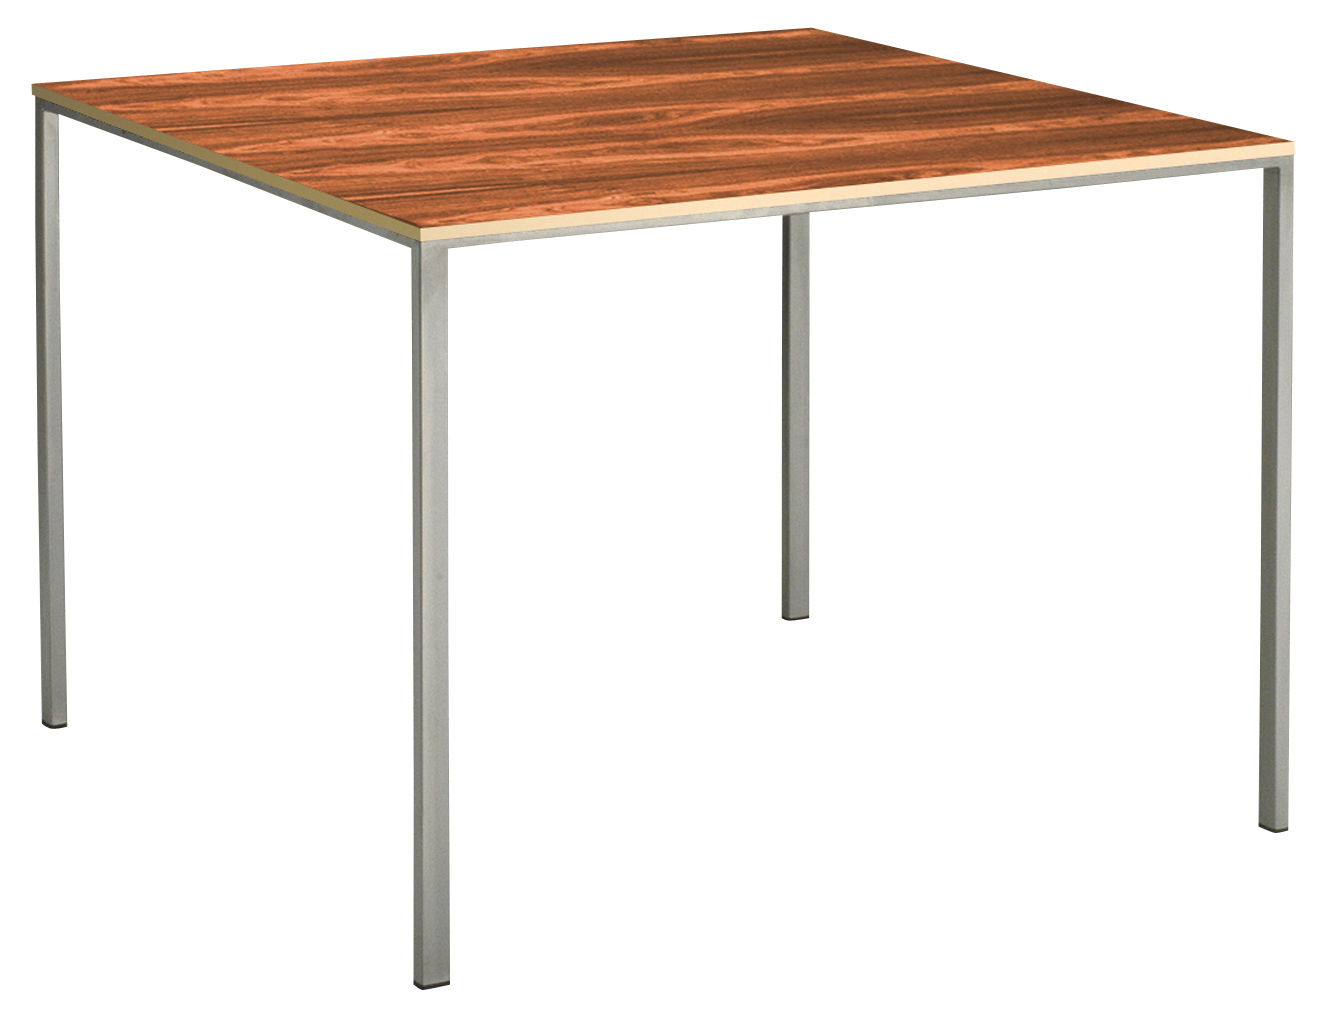 Table mini tavolo inox bois 120 x 80 cm palissandre - Pied de table telescopique reglable 80 120 cm ...